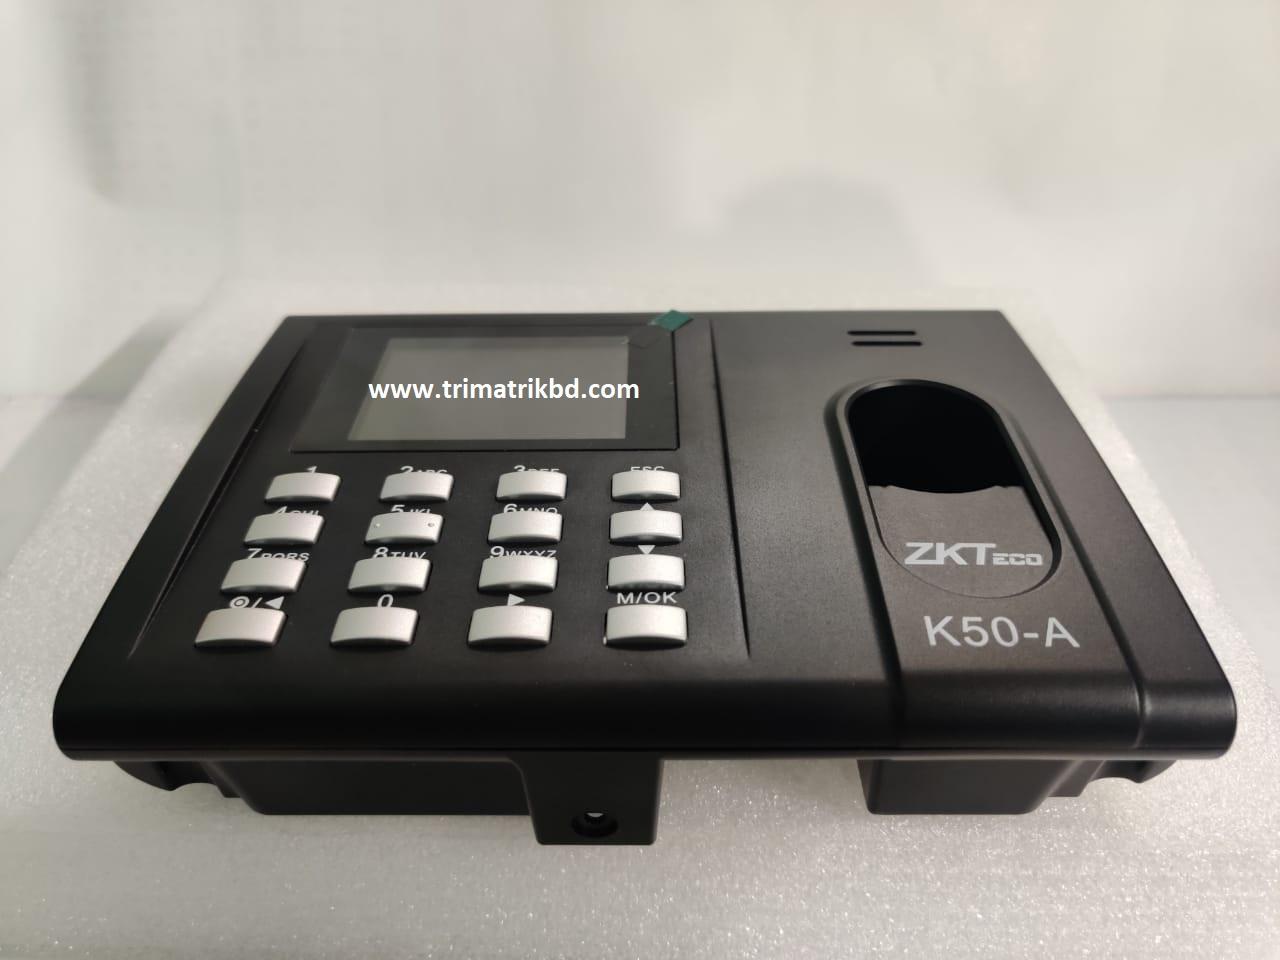 ZKTeco K50A Price in BD